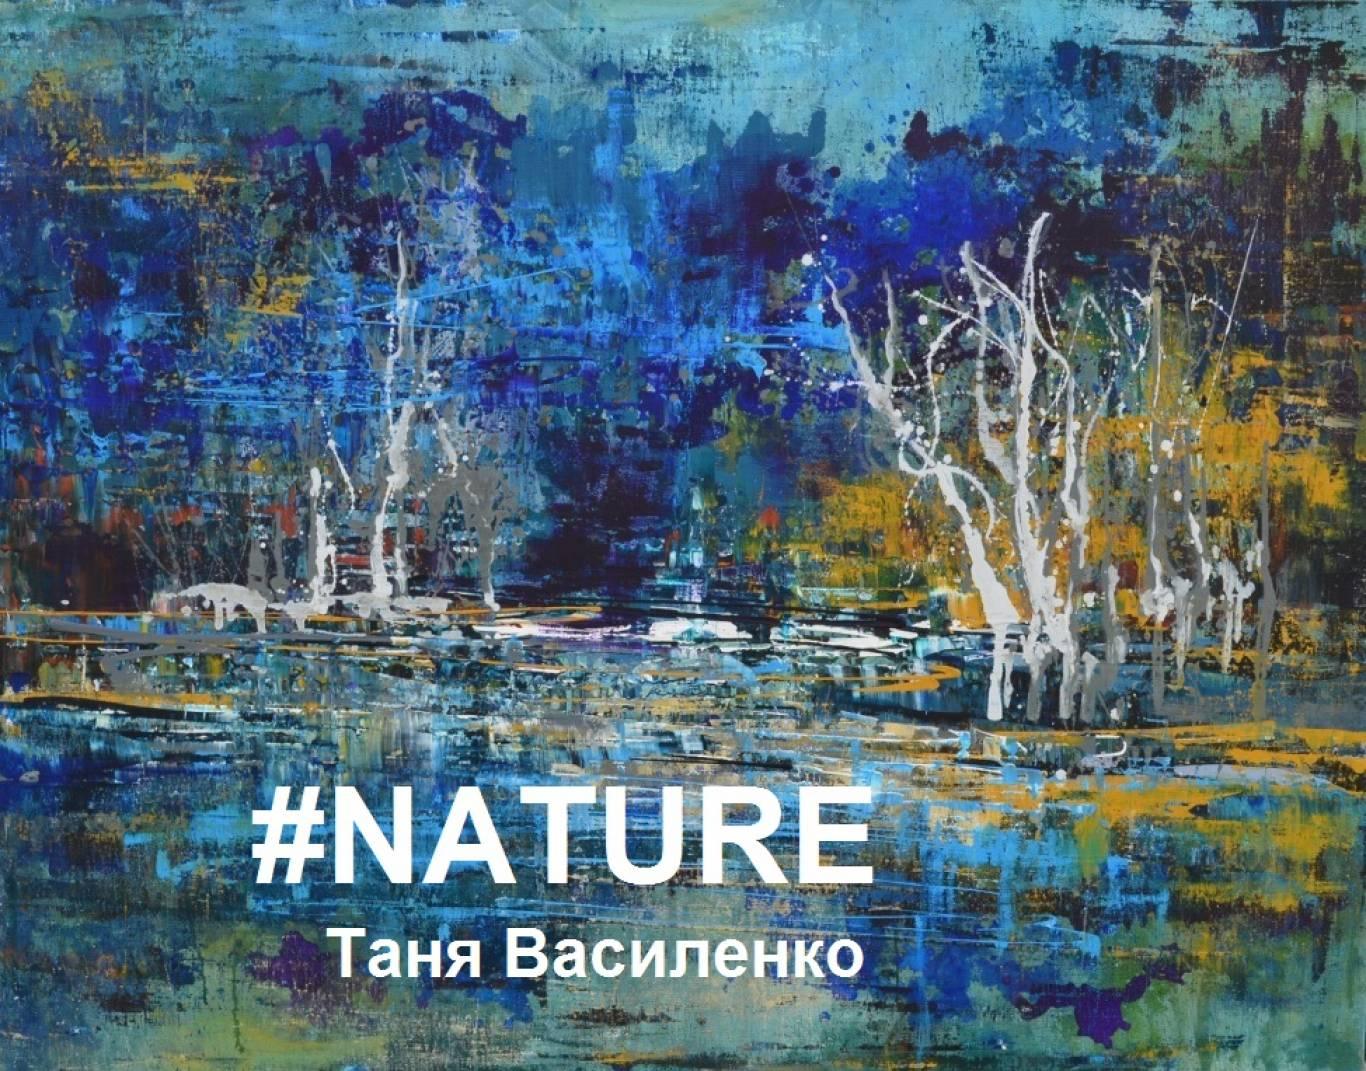 """Виставка Тетяни Василенко """"#NATURE"""""""